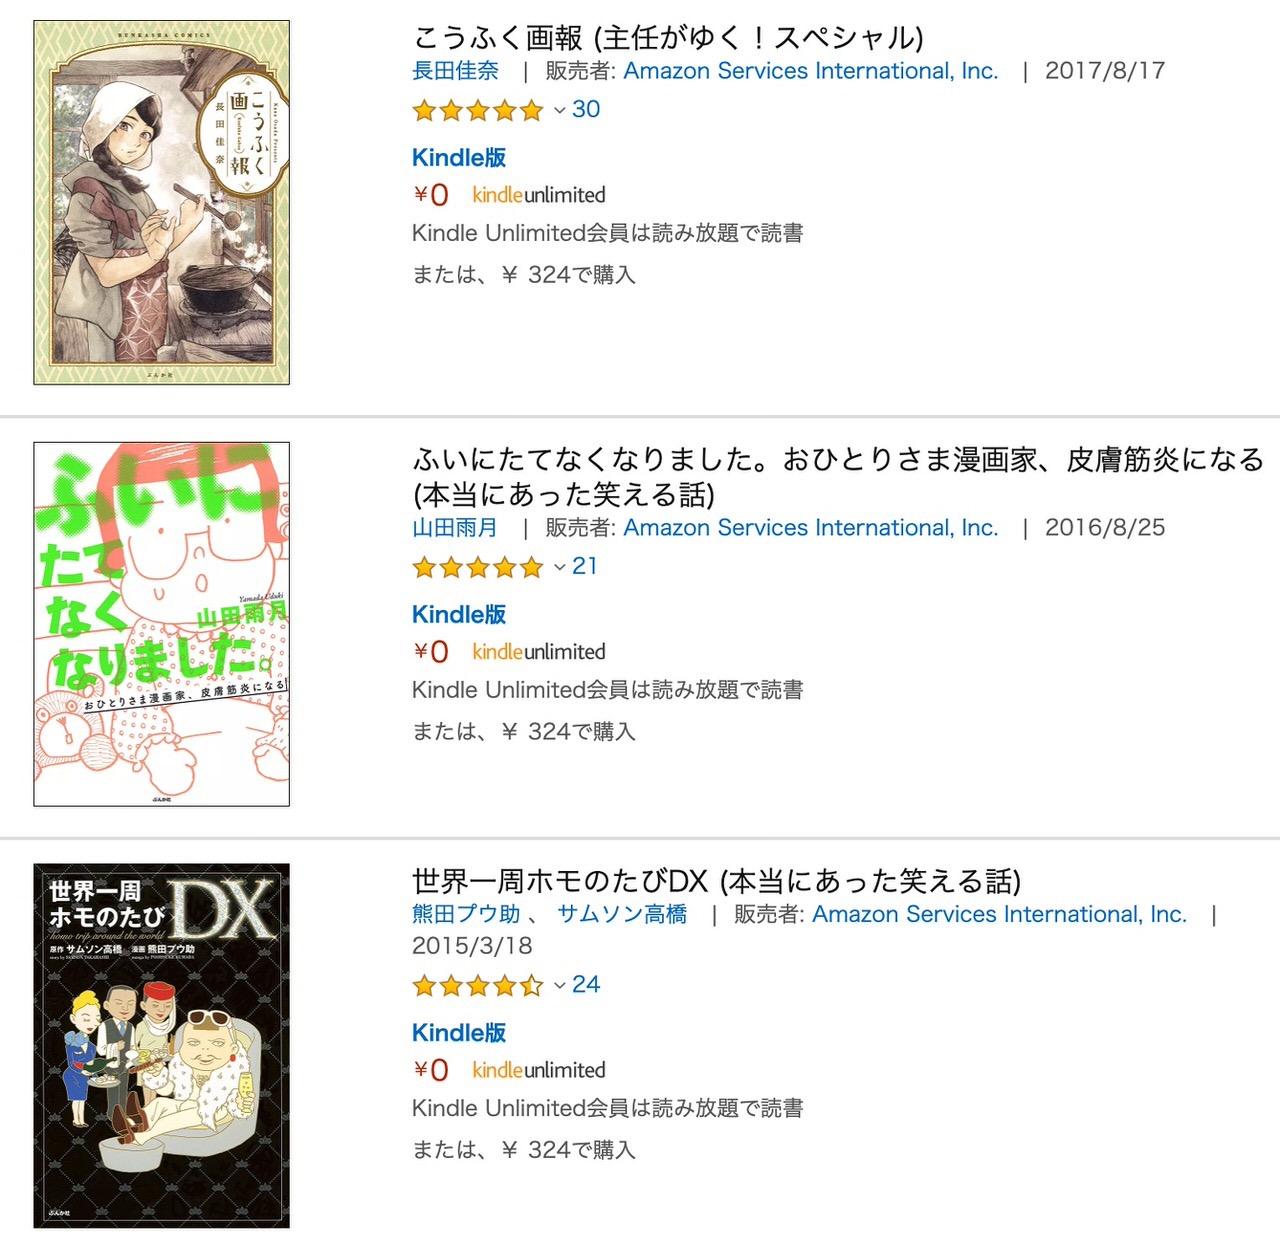 【Kindleセール】0円も多数!8,000冊以上が対象「ぶんか社作品キャンペーン」(5/6まで)